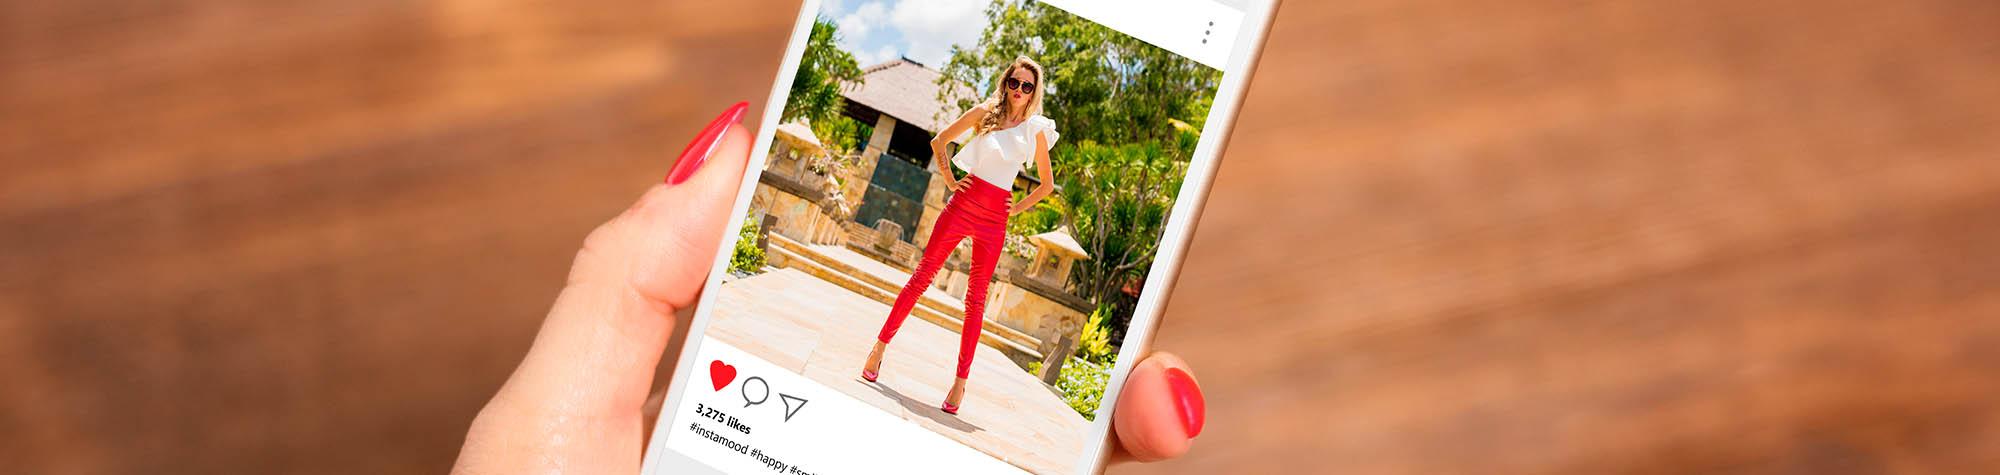 Eliminación de los likes en Instagram: ¿Cómo será el nuevo paradigma?